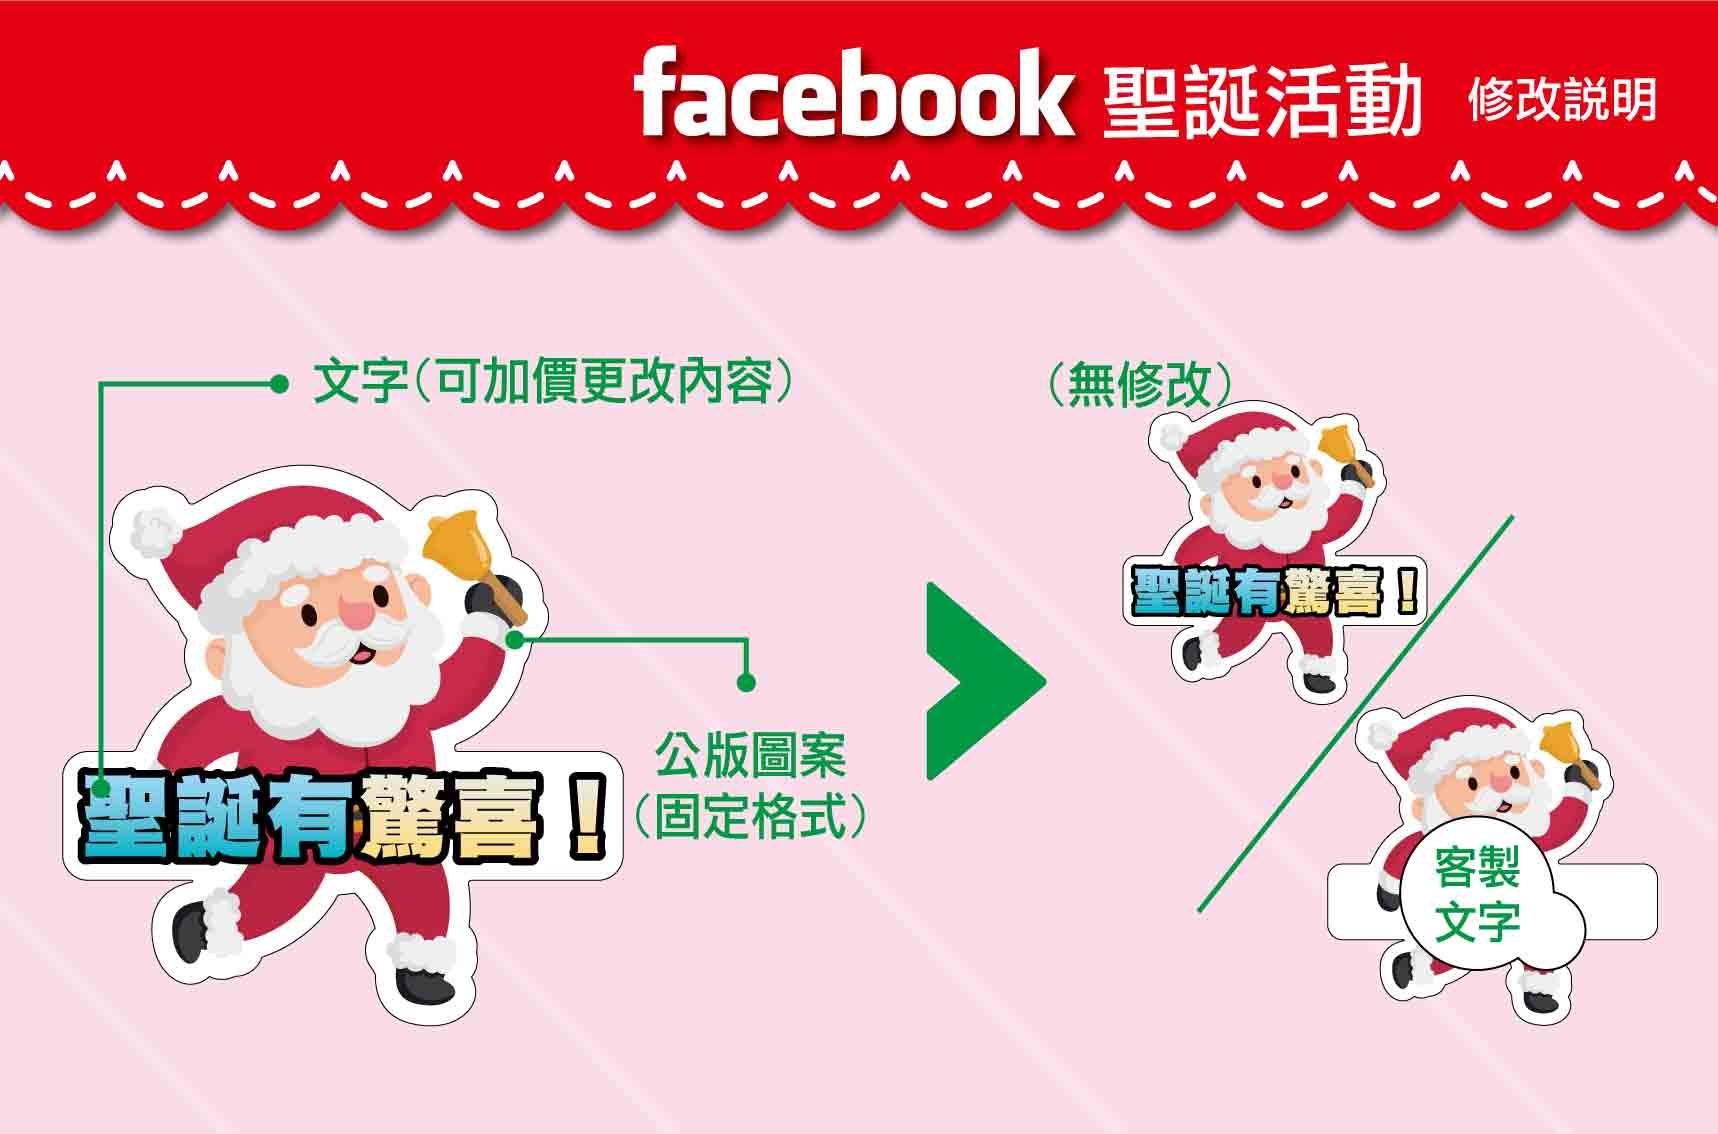 20210910-5聖誕節-手拿板(上架版面轉外框)_手拿板平台資訊-Christmas-4